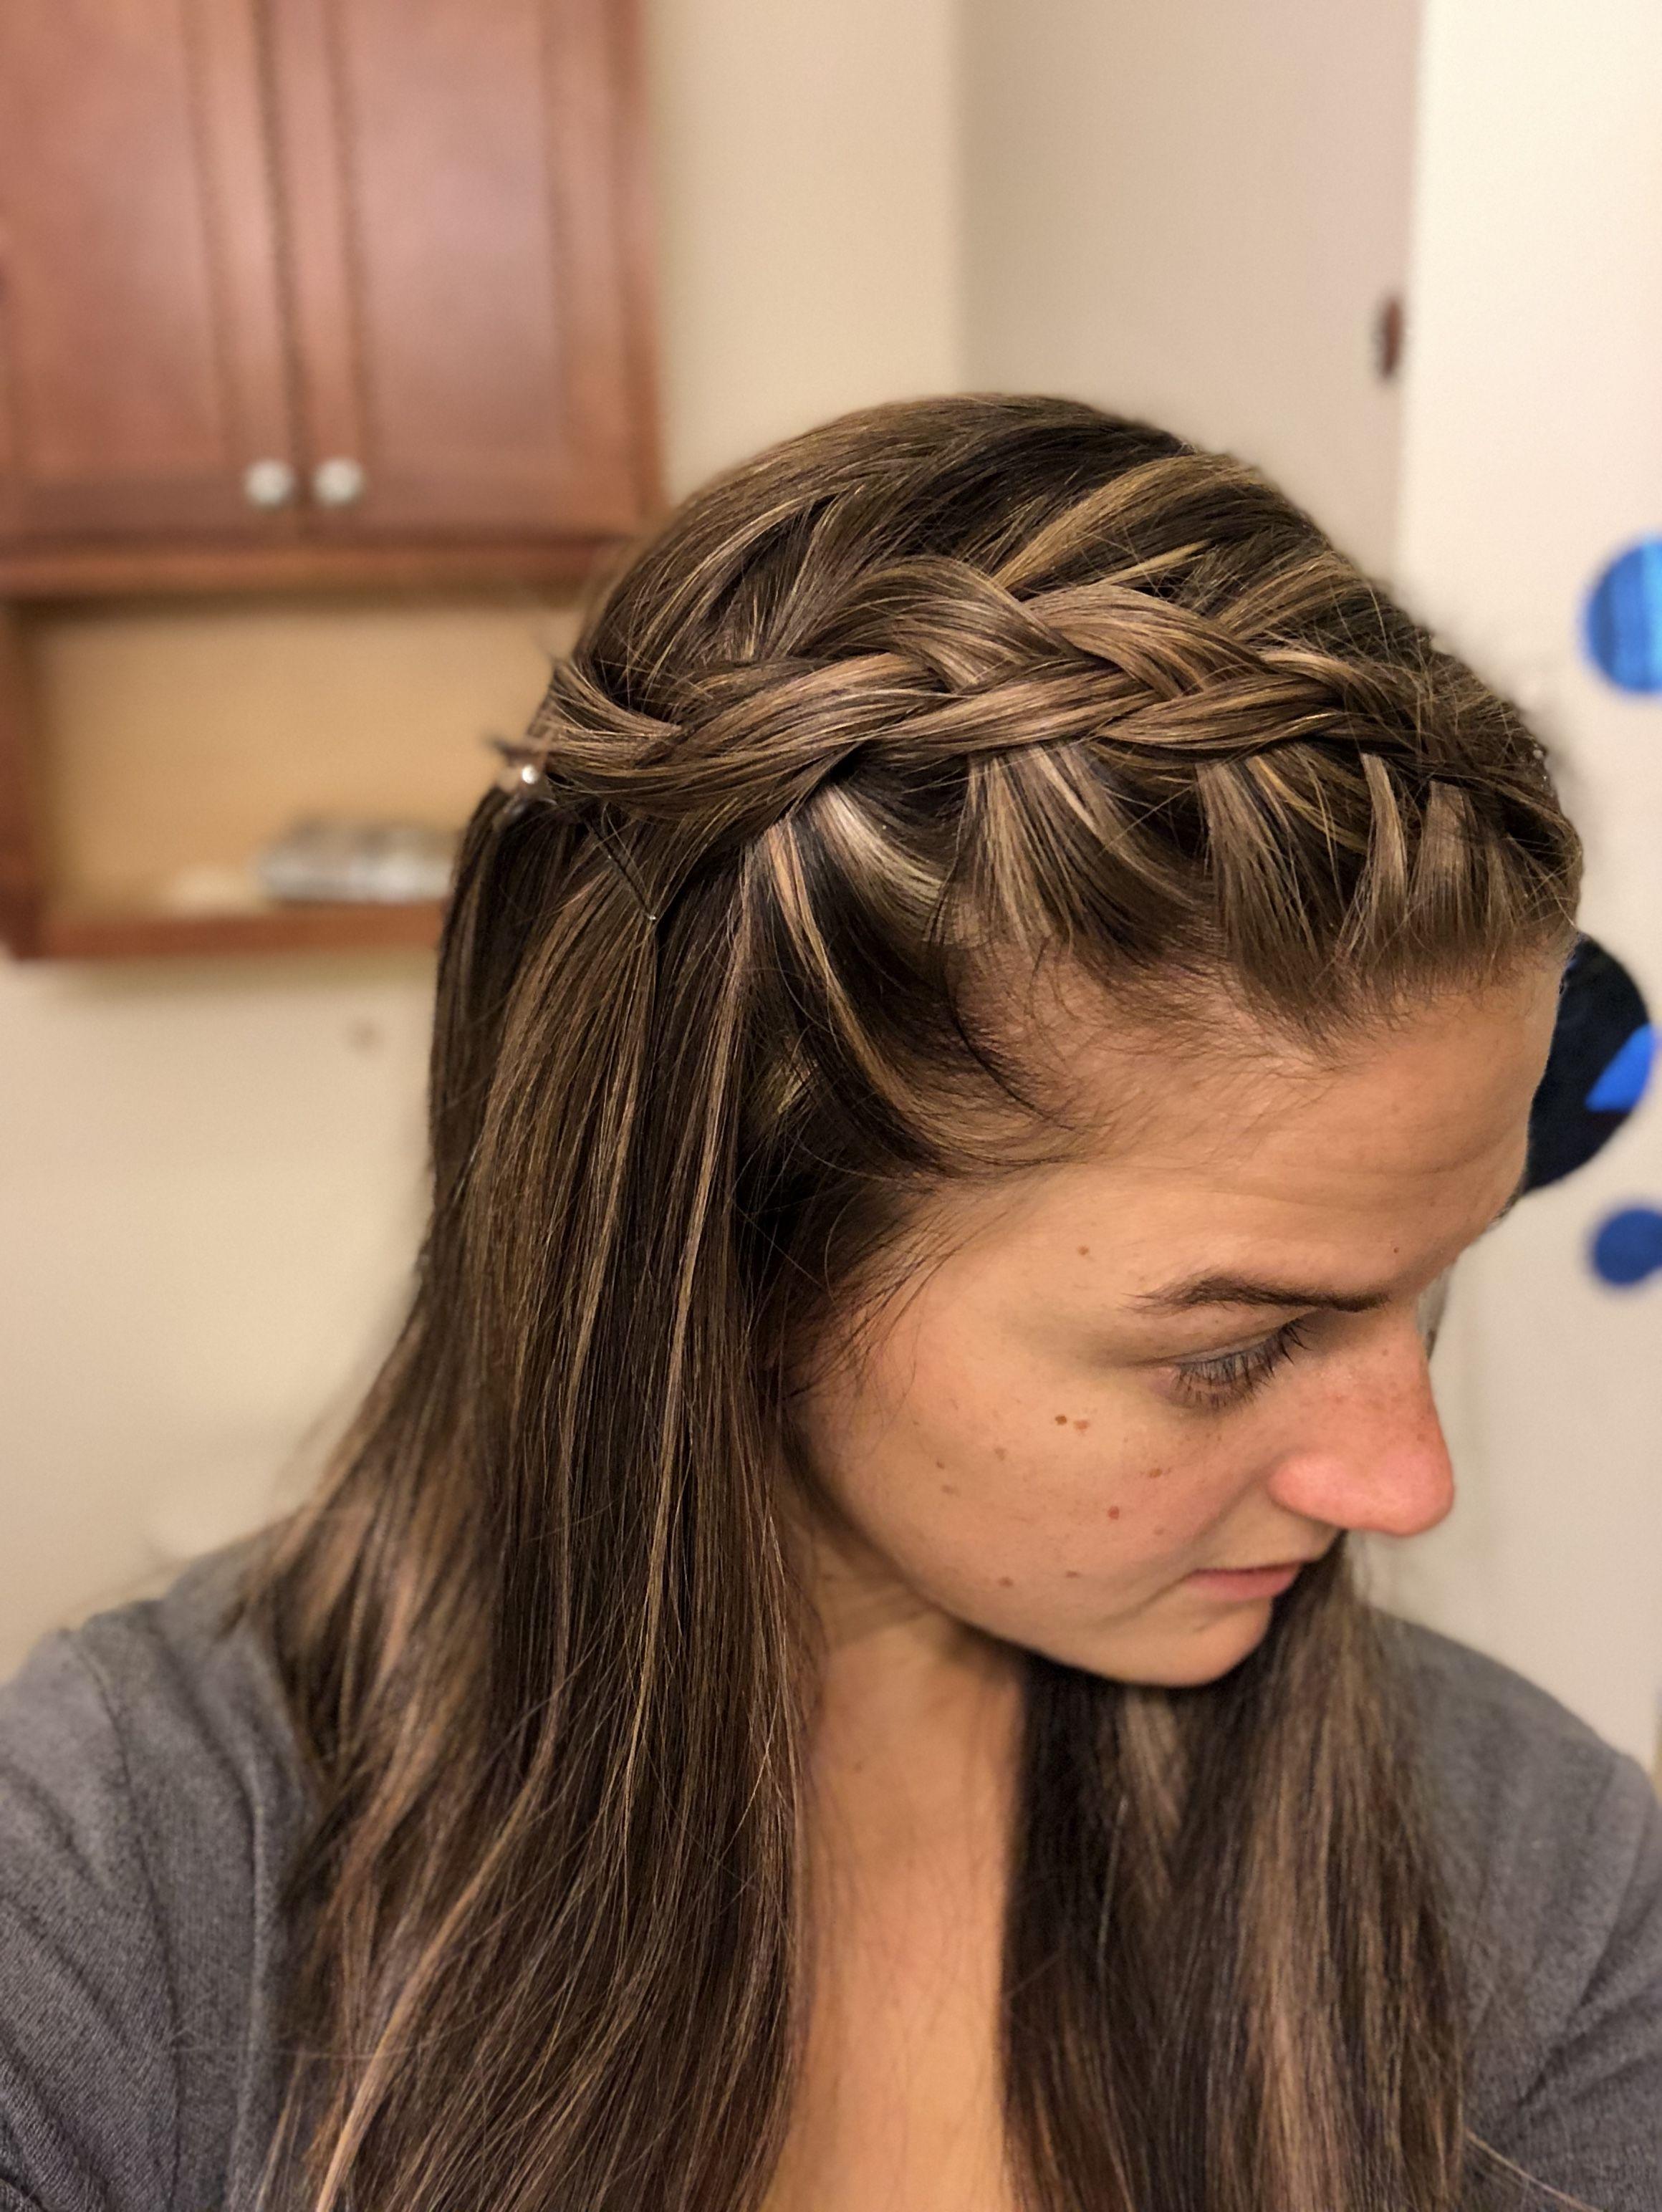 lowlight/highlight side french braid | hair | braided